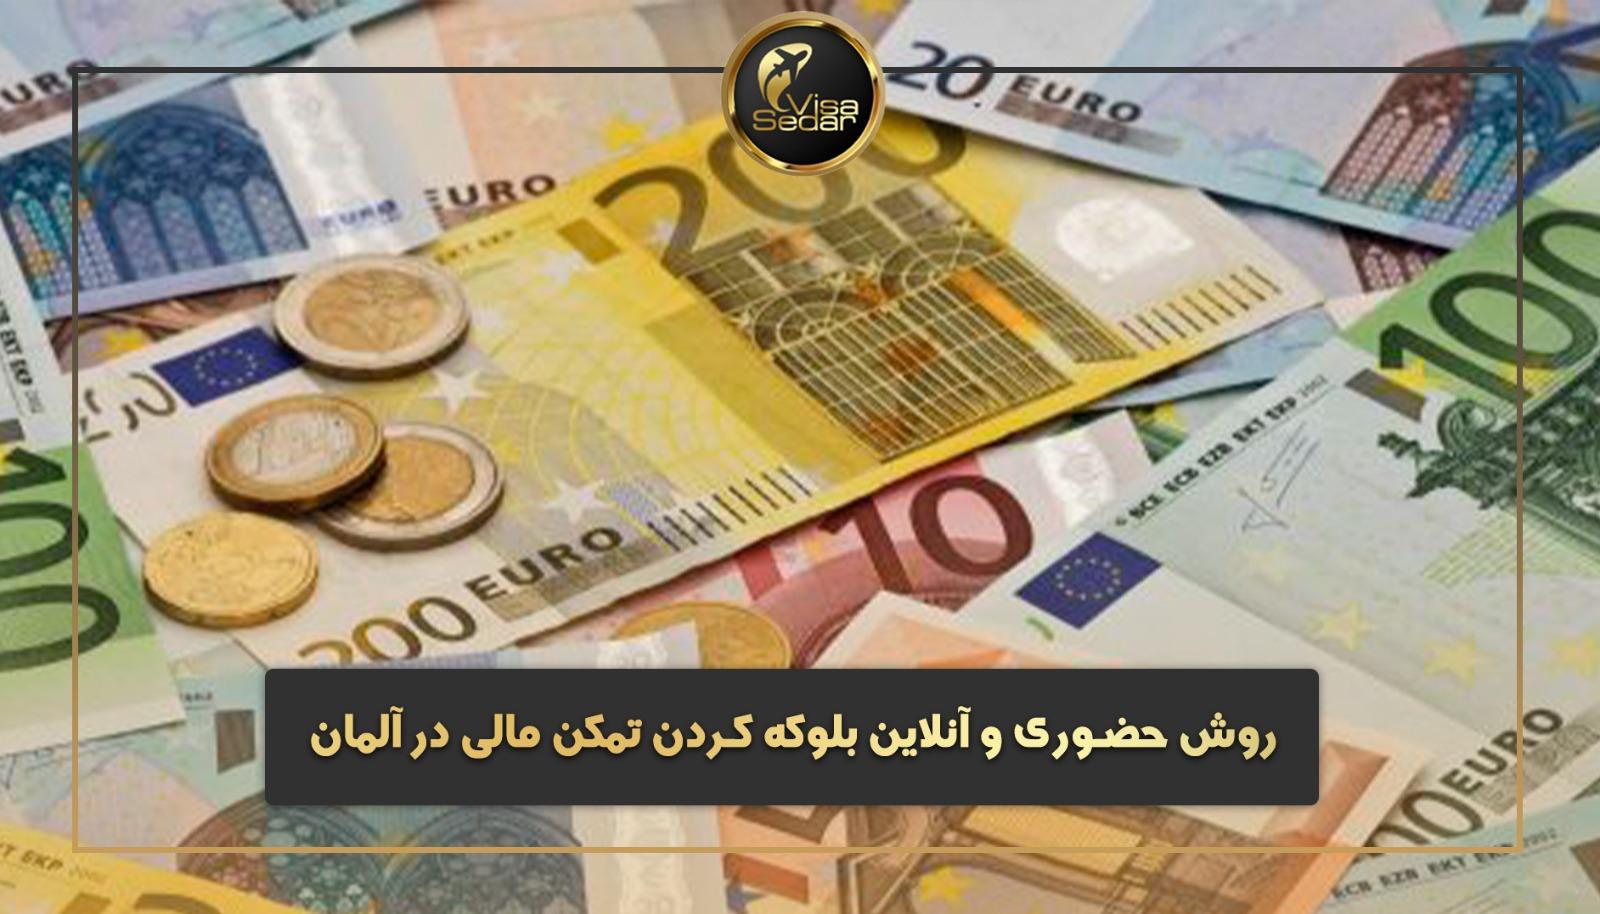 روش حضوری و آنلاین بلوکه کردن تمکن مالی در آلمان